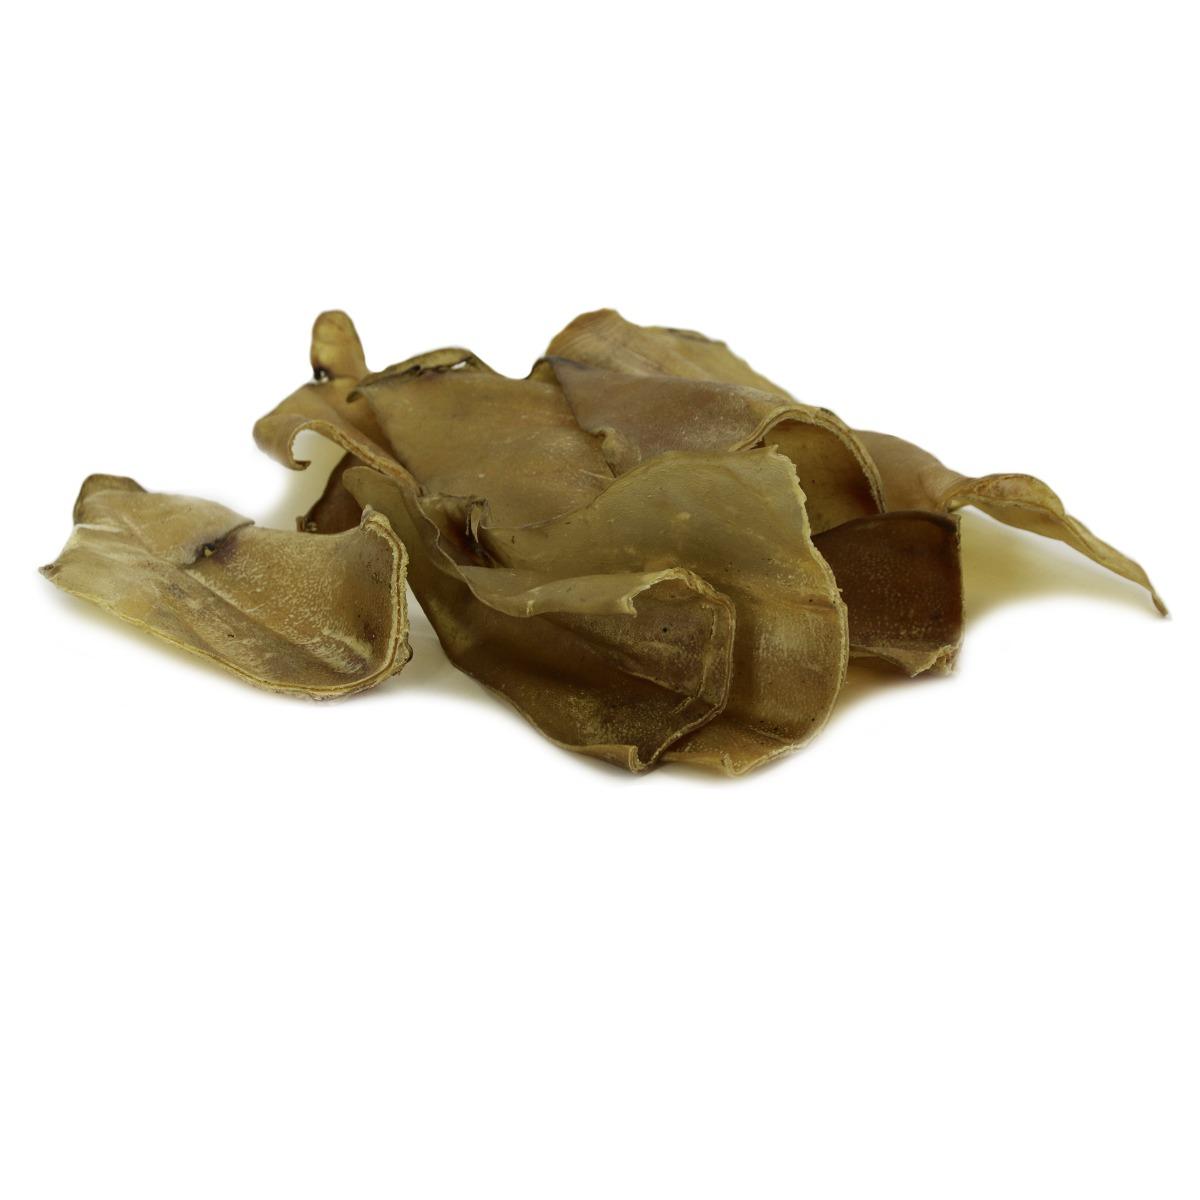 Gedroogde runderoren, meest populaire en bekende kauwsnack voor honden. Runderoren zijn vetarmer dan varkensoren en taaier door een andere samenstelling. Doordat ze iets taaier zijn gaan ze ook langer mee en heeft je hond er langer plezier van. Voordeelpakket ca. 100 stuks, 100% natuurlijk product. Gezonde kauw snack, door het hoge gehalte kraakbeen moet er behoorlijk geknabbeld worden waarbij het tandvlees wordt gemasseerd en het gebit gereinigd!  Gemaakt van verse grondstoffen. Premium kwaliteit. Vetarm. Zonder chemische toevoegingen. Zonder geur- of smaakstoffen. Met zorg gedroogd, puur natuur. Gebitsverzorgende snack Zeer geschikt als beloningsnack of tussendoortje. Je hond is er dol op!